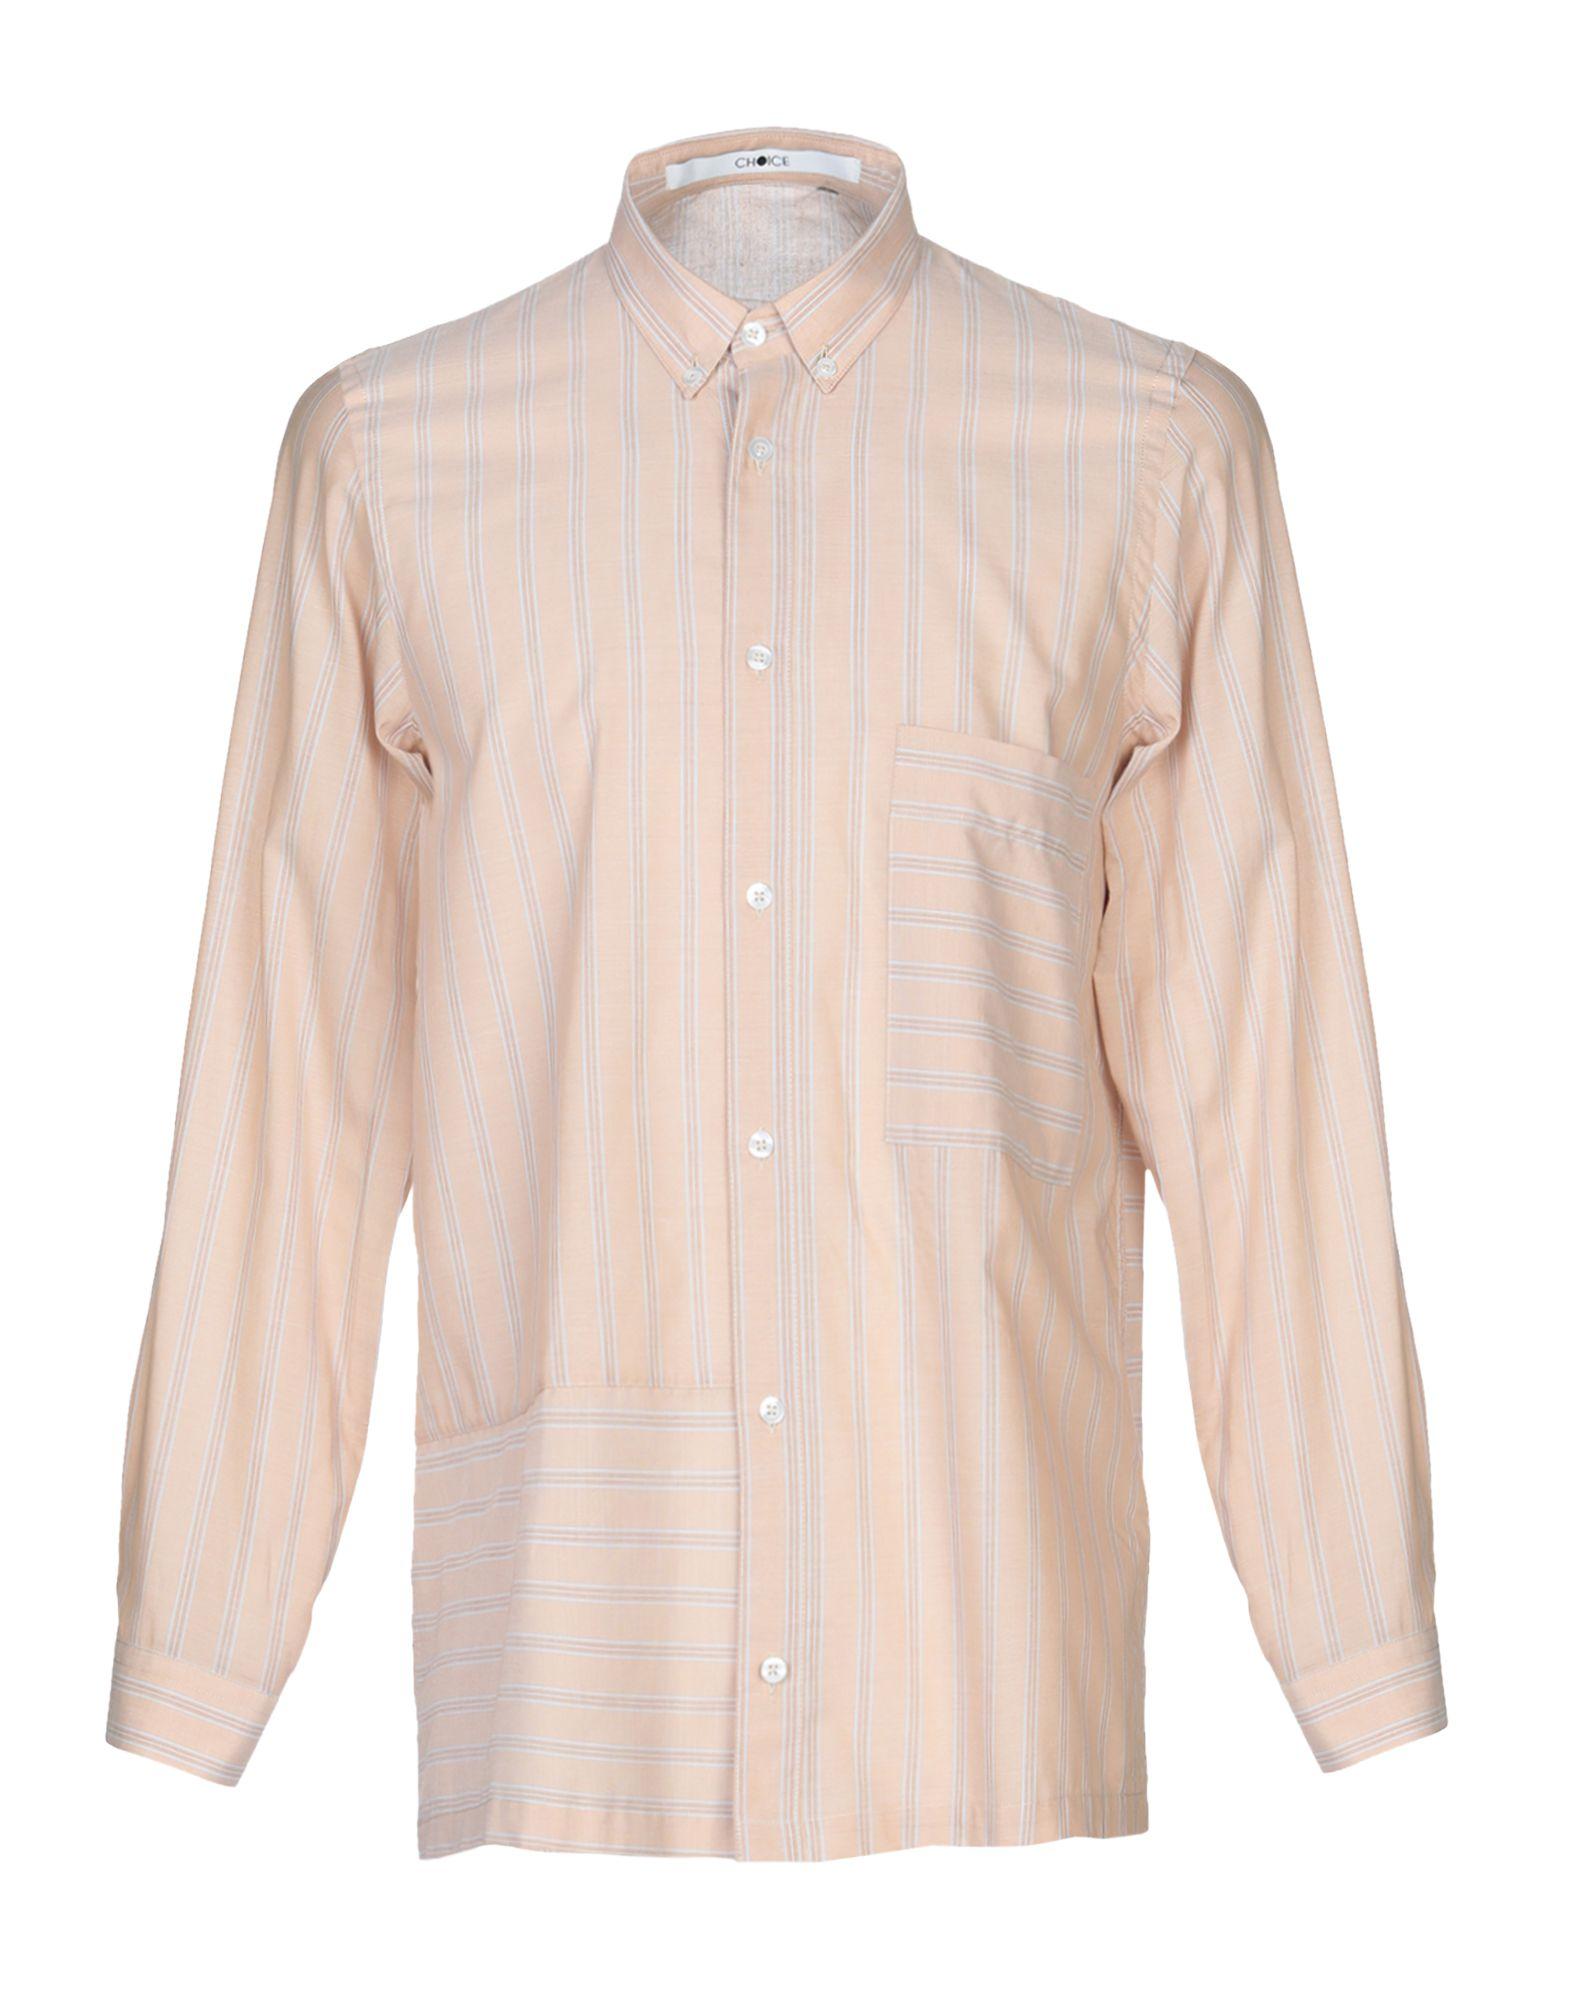 《セール開催中》CHOICE NICOLA PELINGA メンズ シャツ サンド M コットン 100%